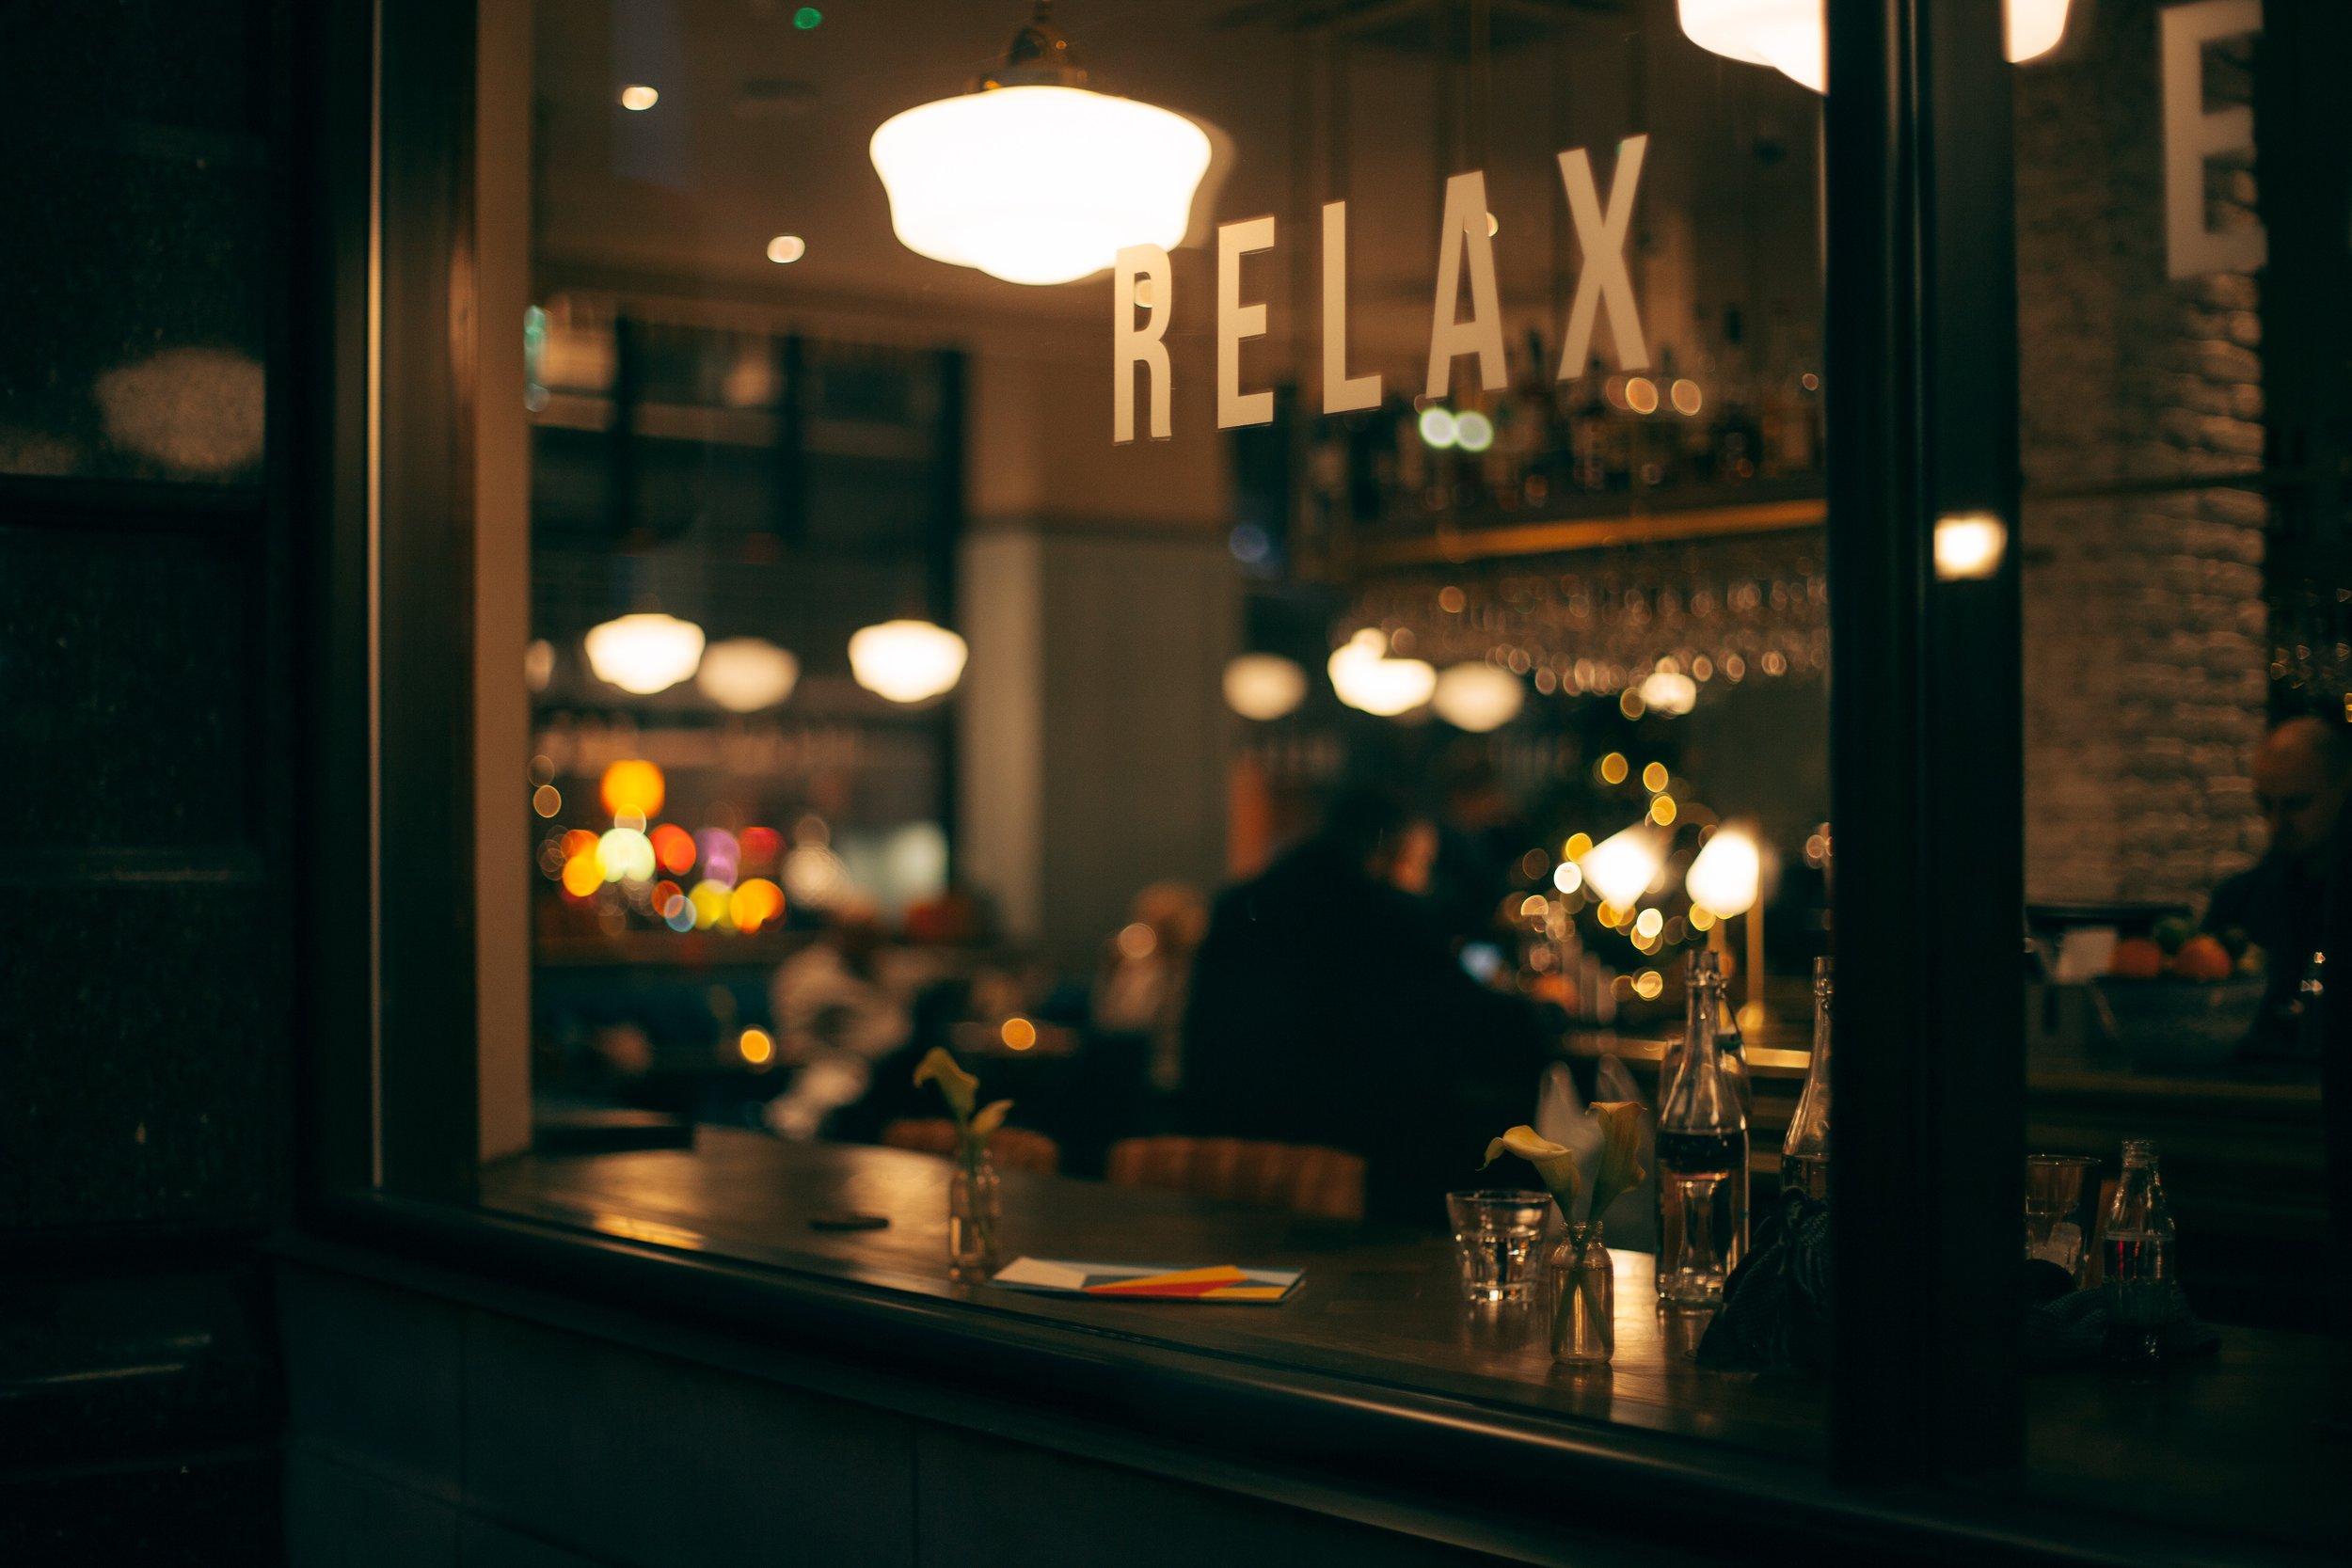 relax-calm-anxiety.jpg